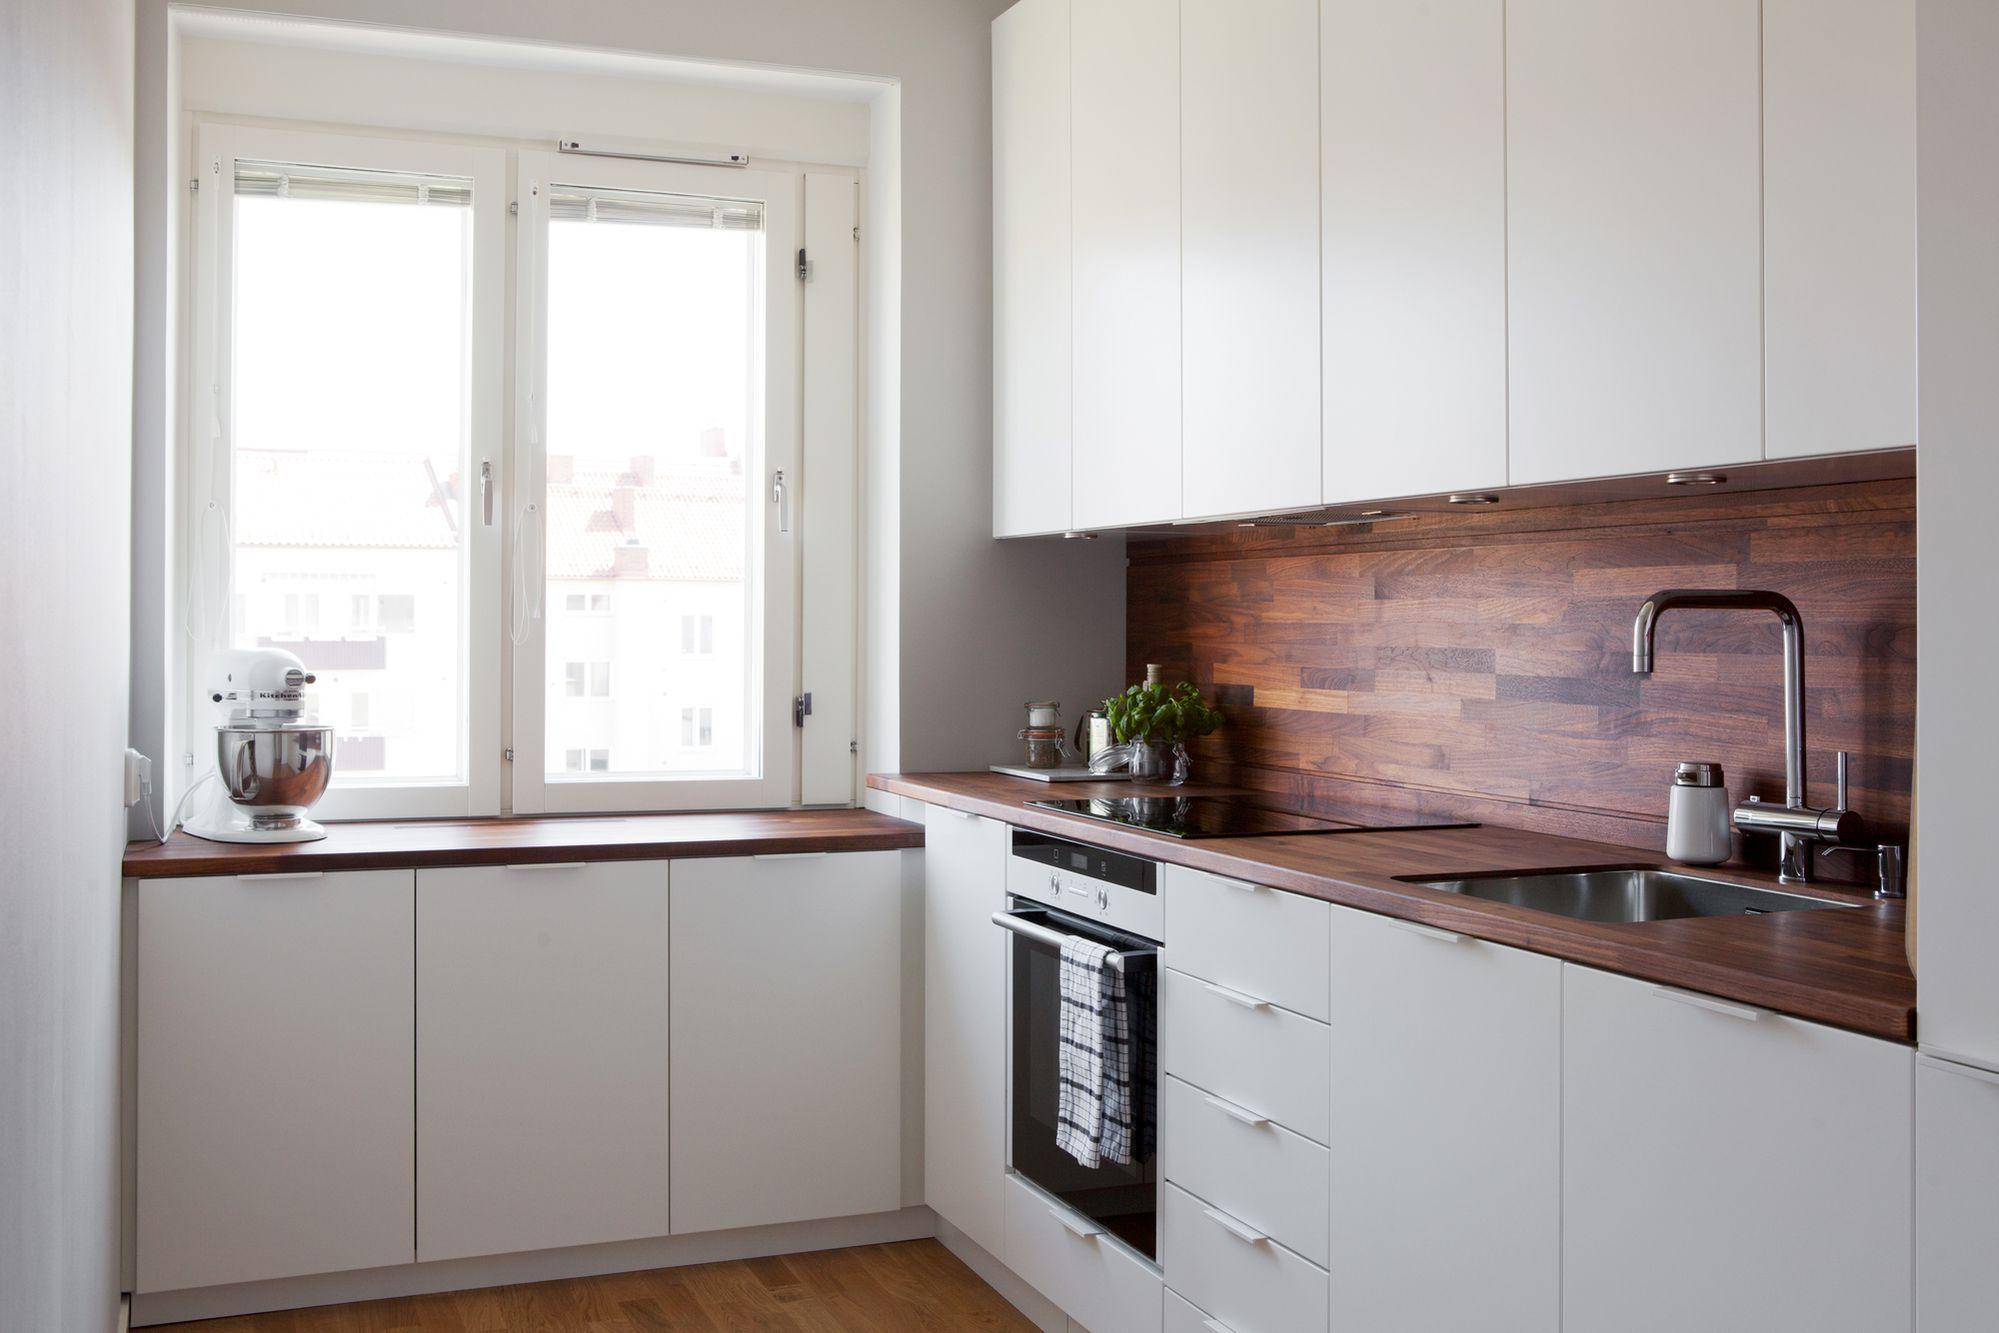 Cocina blanca con revestimiento de madera oscura blog - Cocinas blancas y madera ...